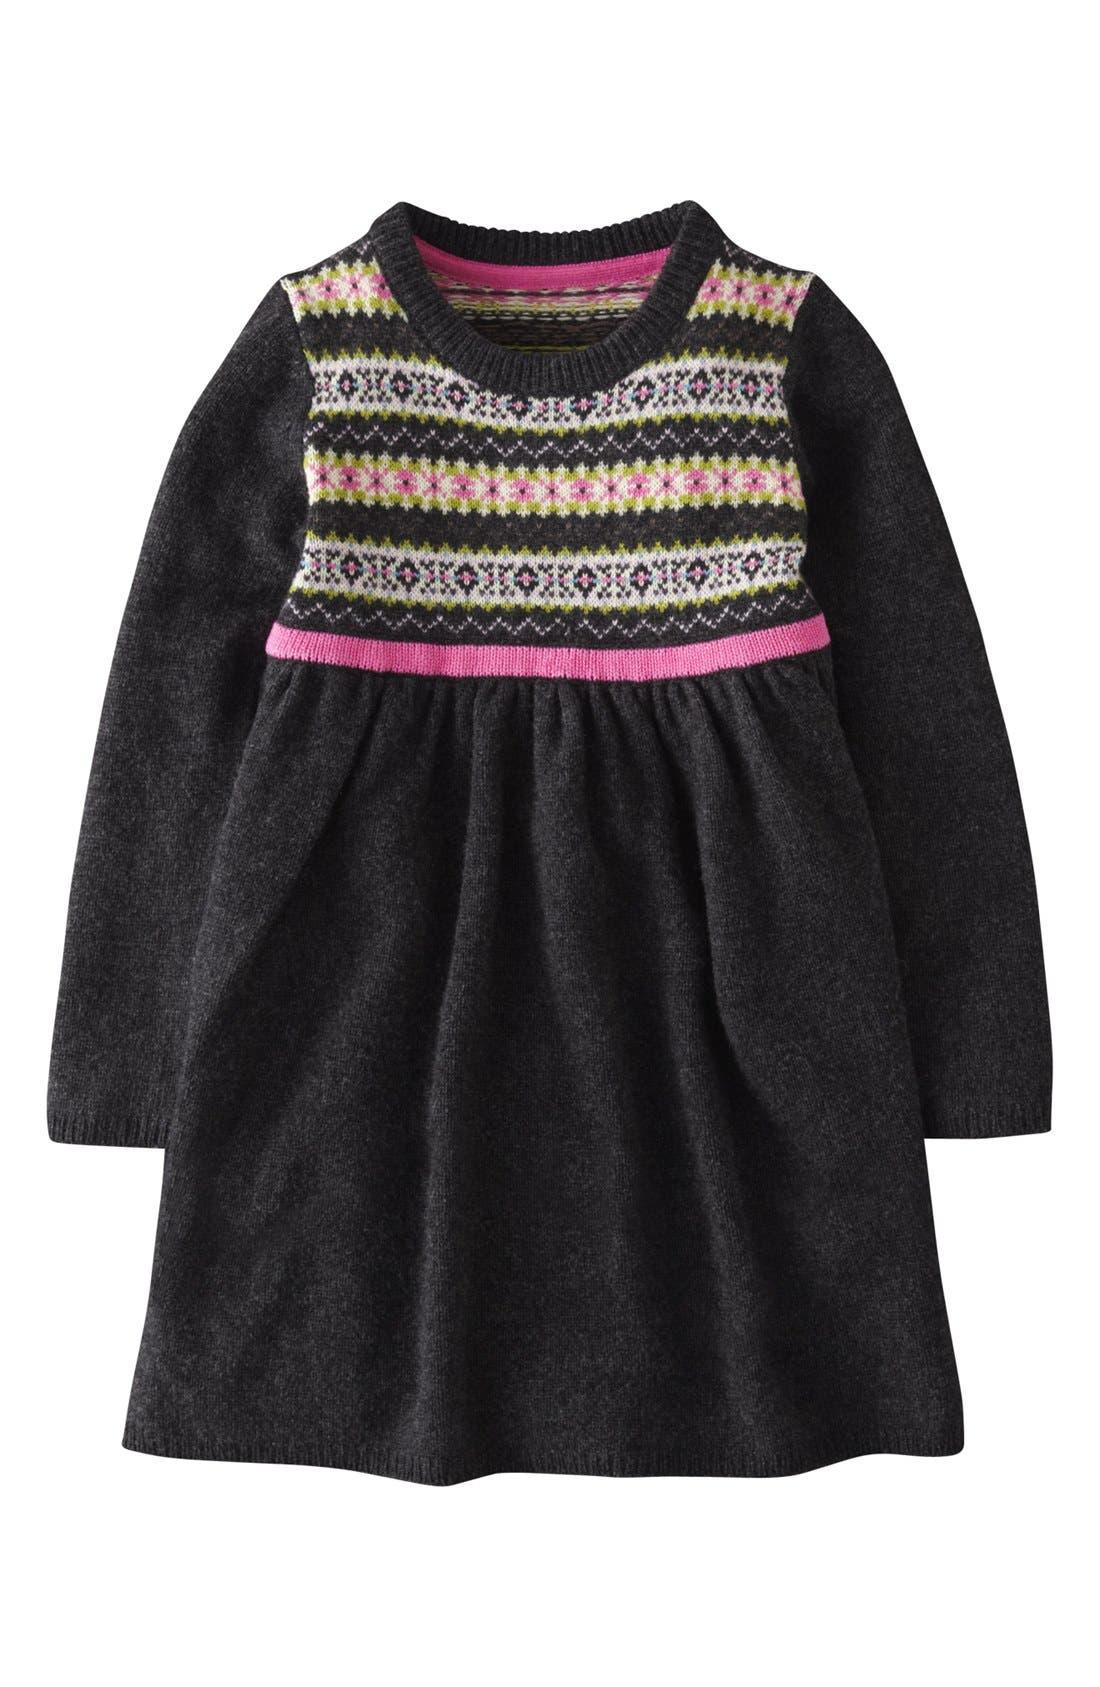 Alternate Image 1 Selected - Mini Boden Fair Isle Knit Dress (Toddler Girls)